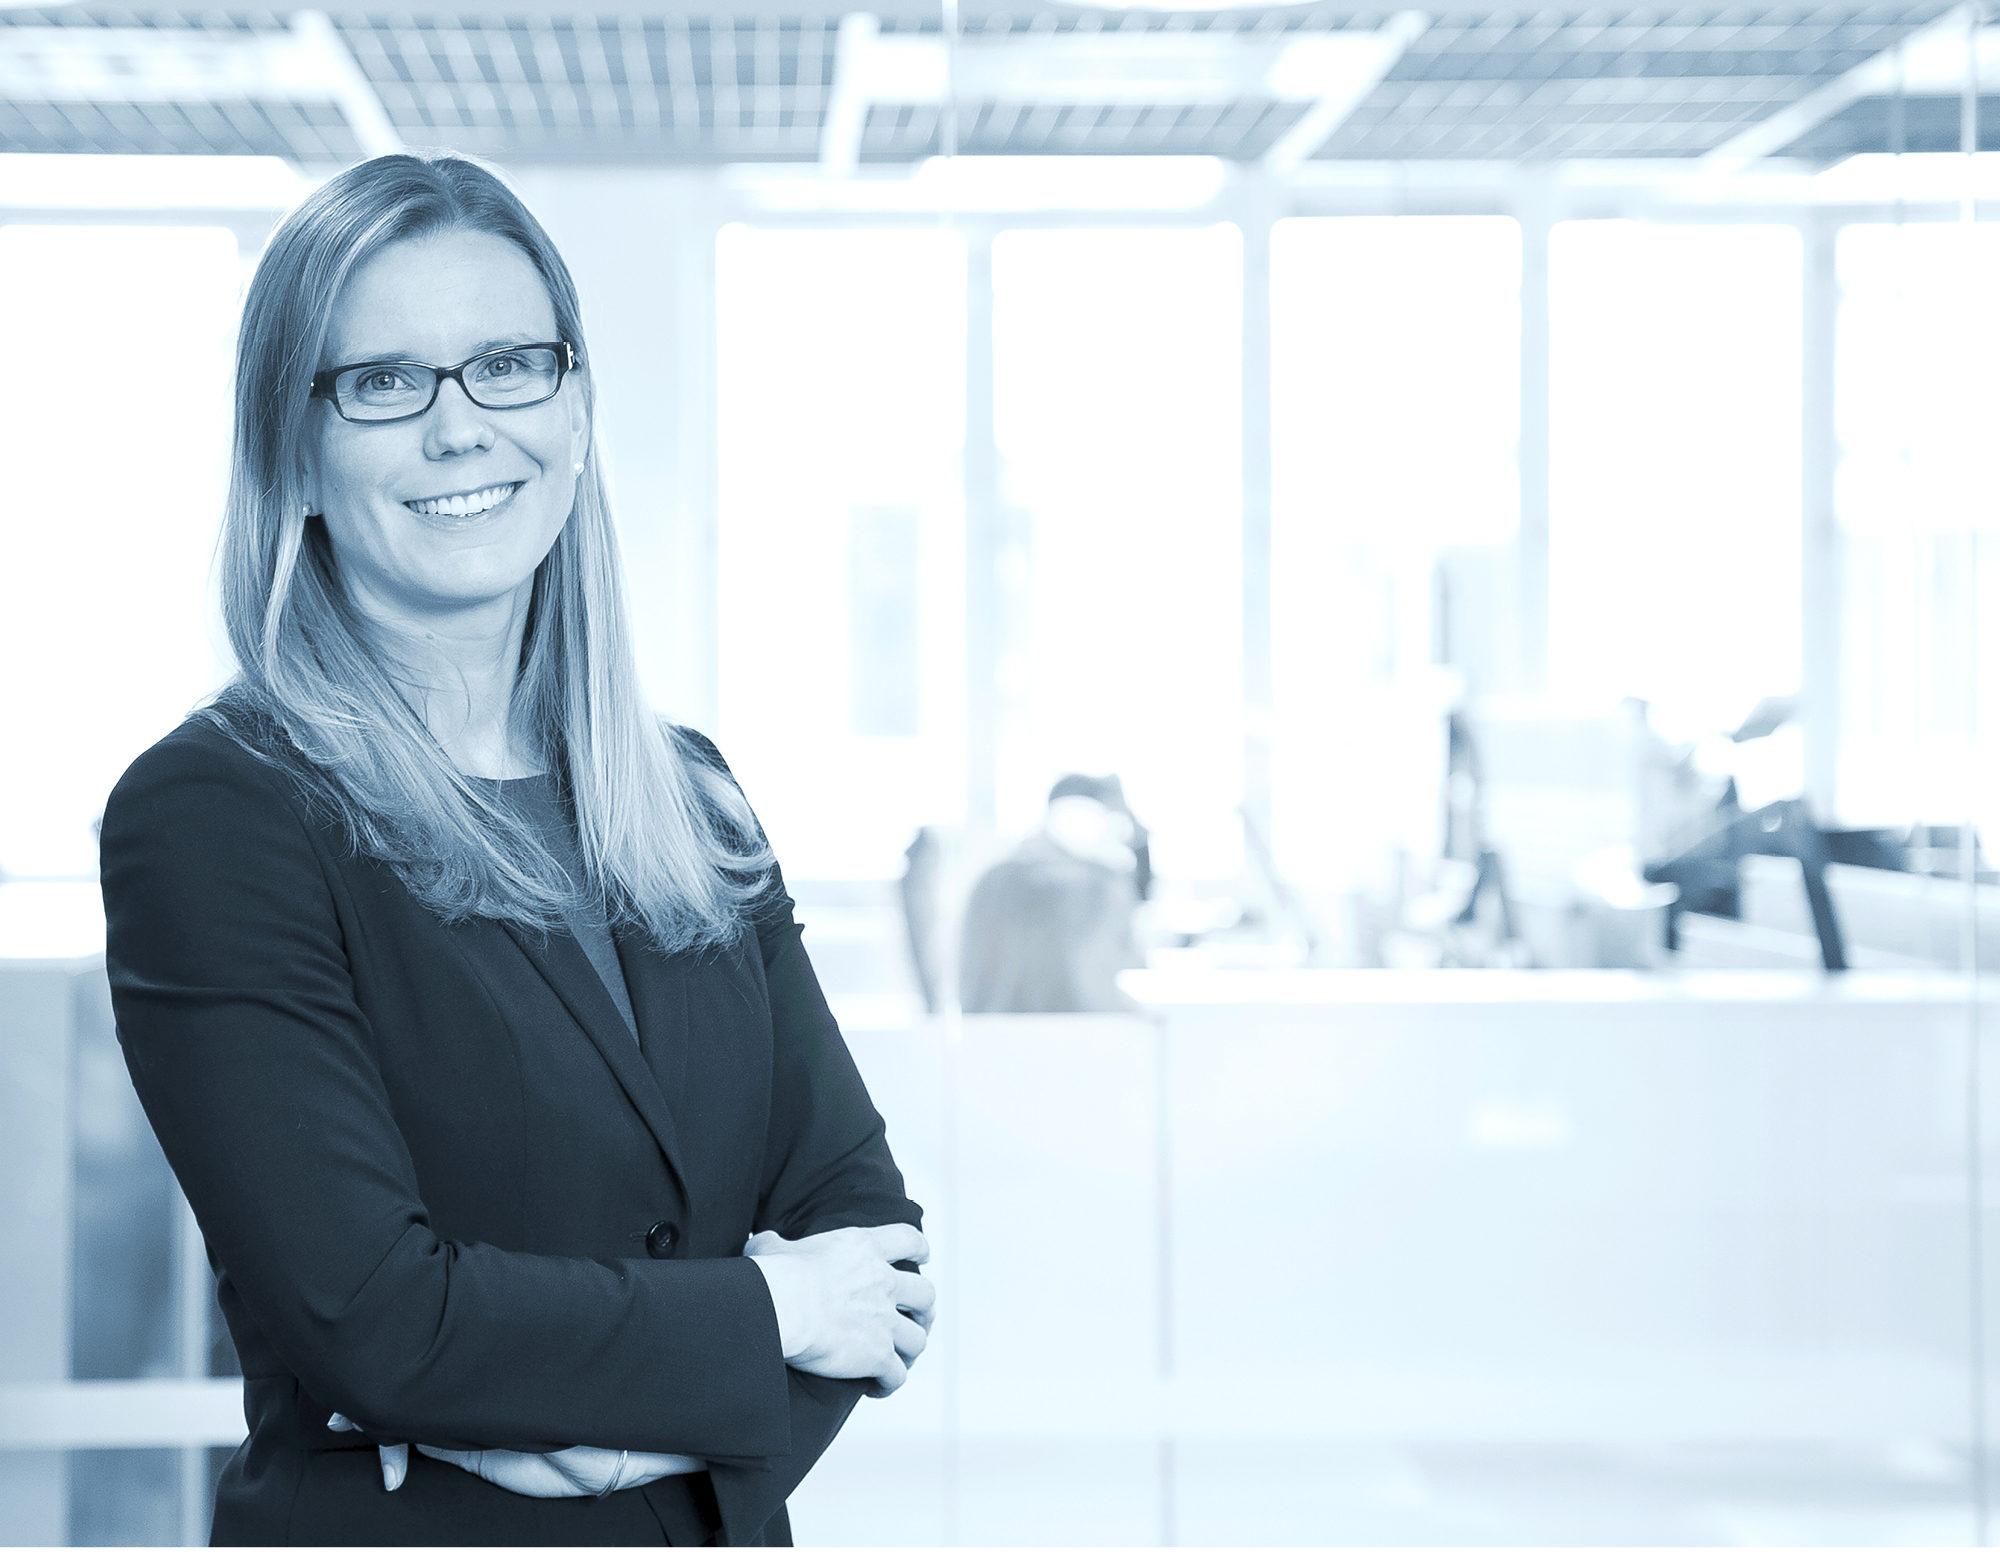 Pia Kåll tekee vaativaa työtä, mutta haluaa olla mukana myös ammattikunnan yhteisellä asialla. Tämän vuoden alusta hän on toiminut ruotsinkielisen diplomi-insinöörien ja arkkitehtien järjestön Tekniska Föreningen i Finland (TFiF) puheenjohtajana.